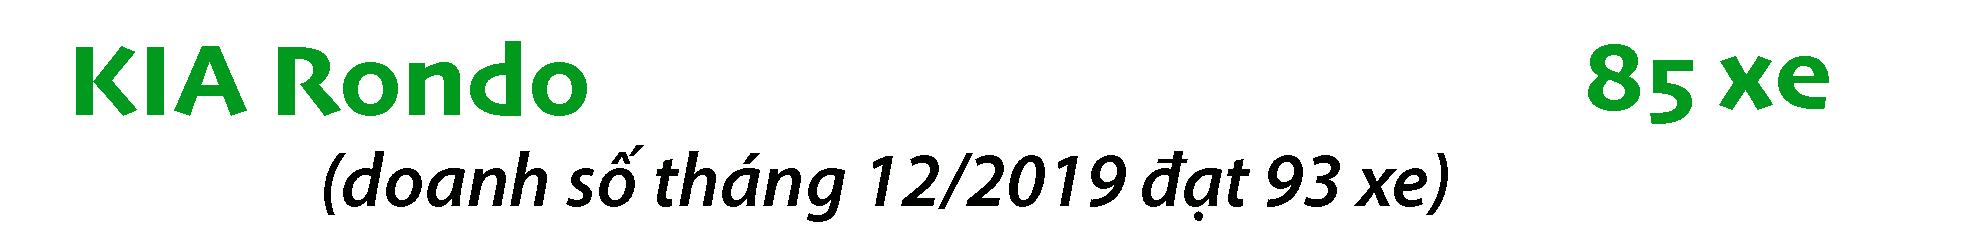 Phân khúc MPV tháng 1/2020: Toyota Innova bị Mitsubishi Xpander bỏ xa - 11